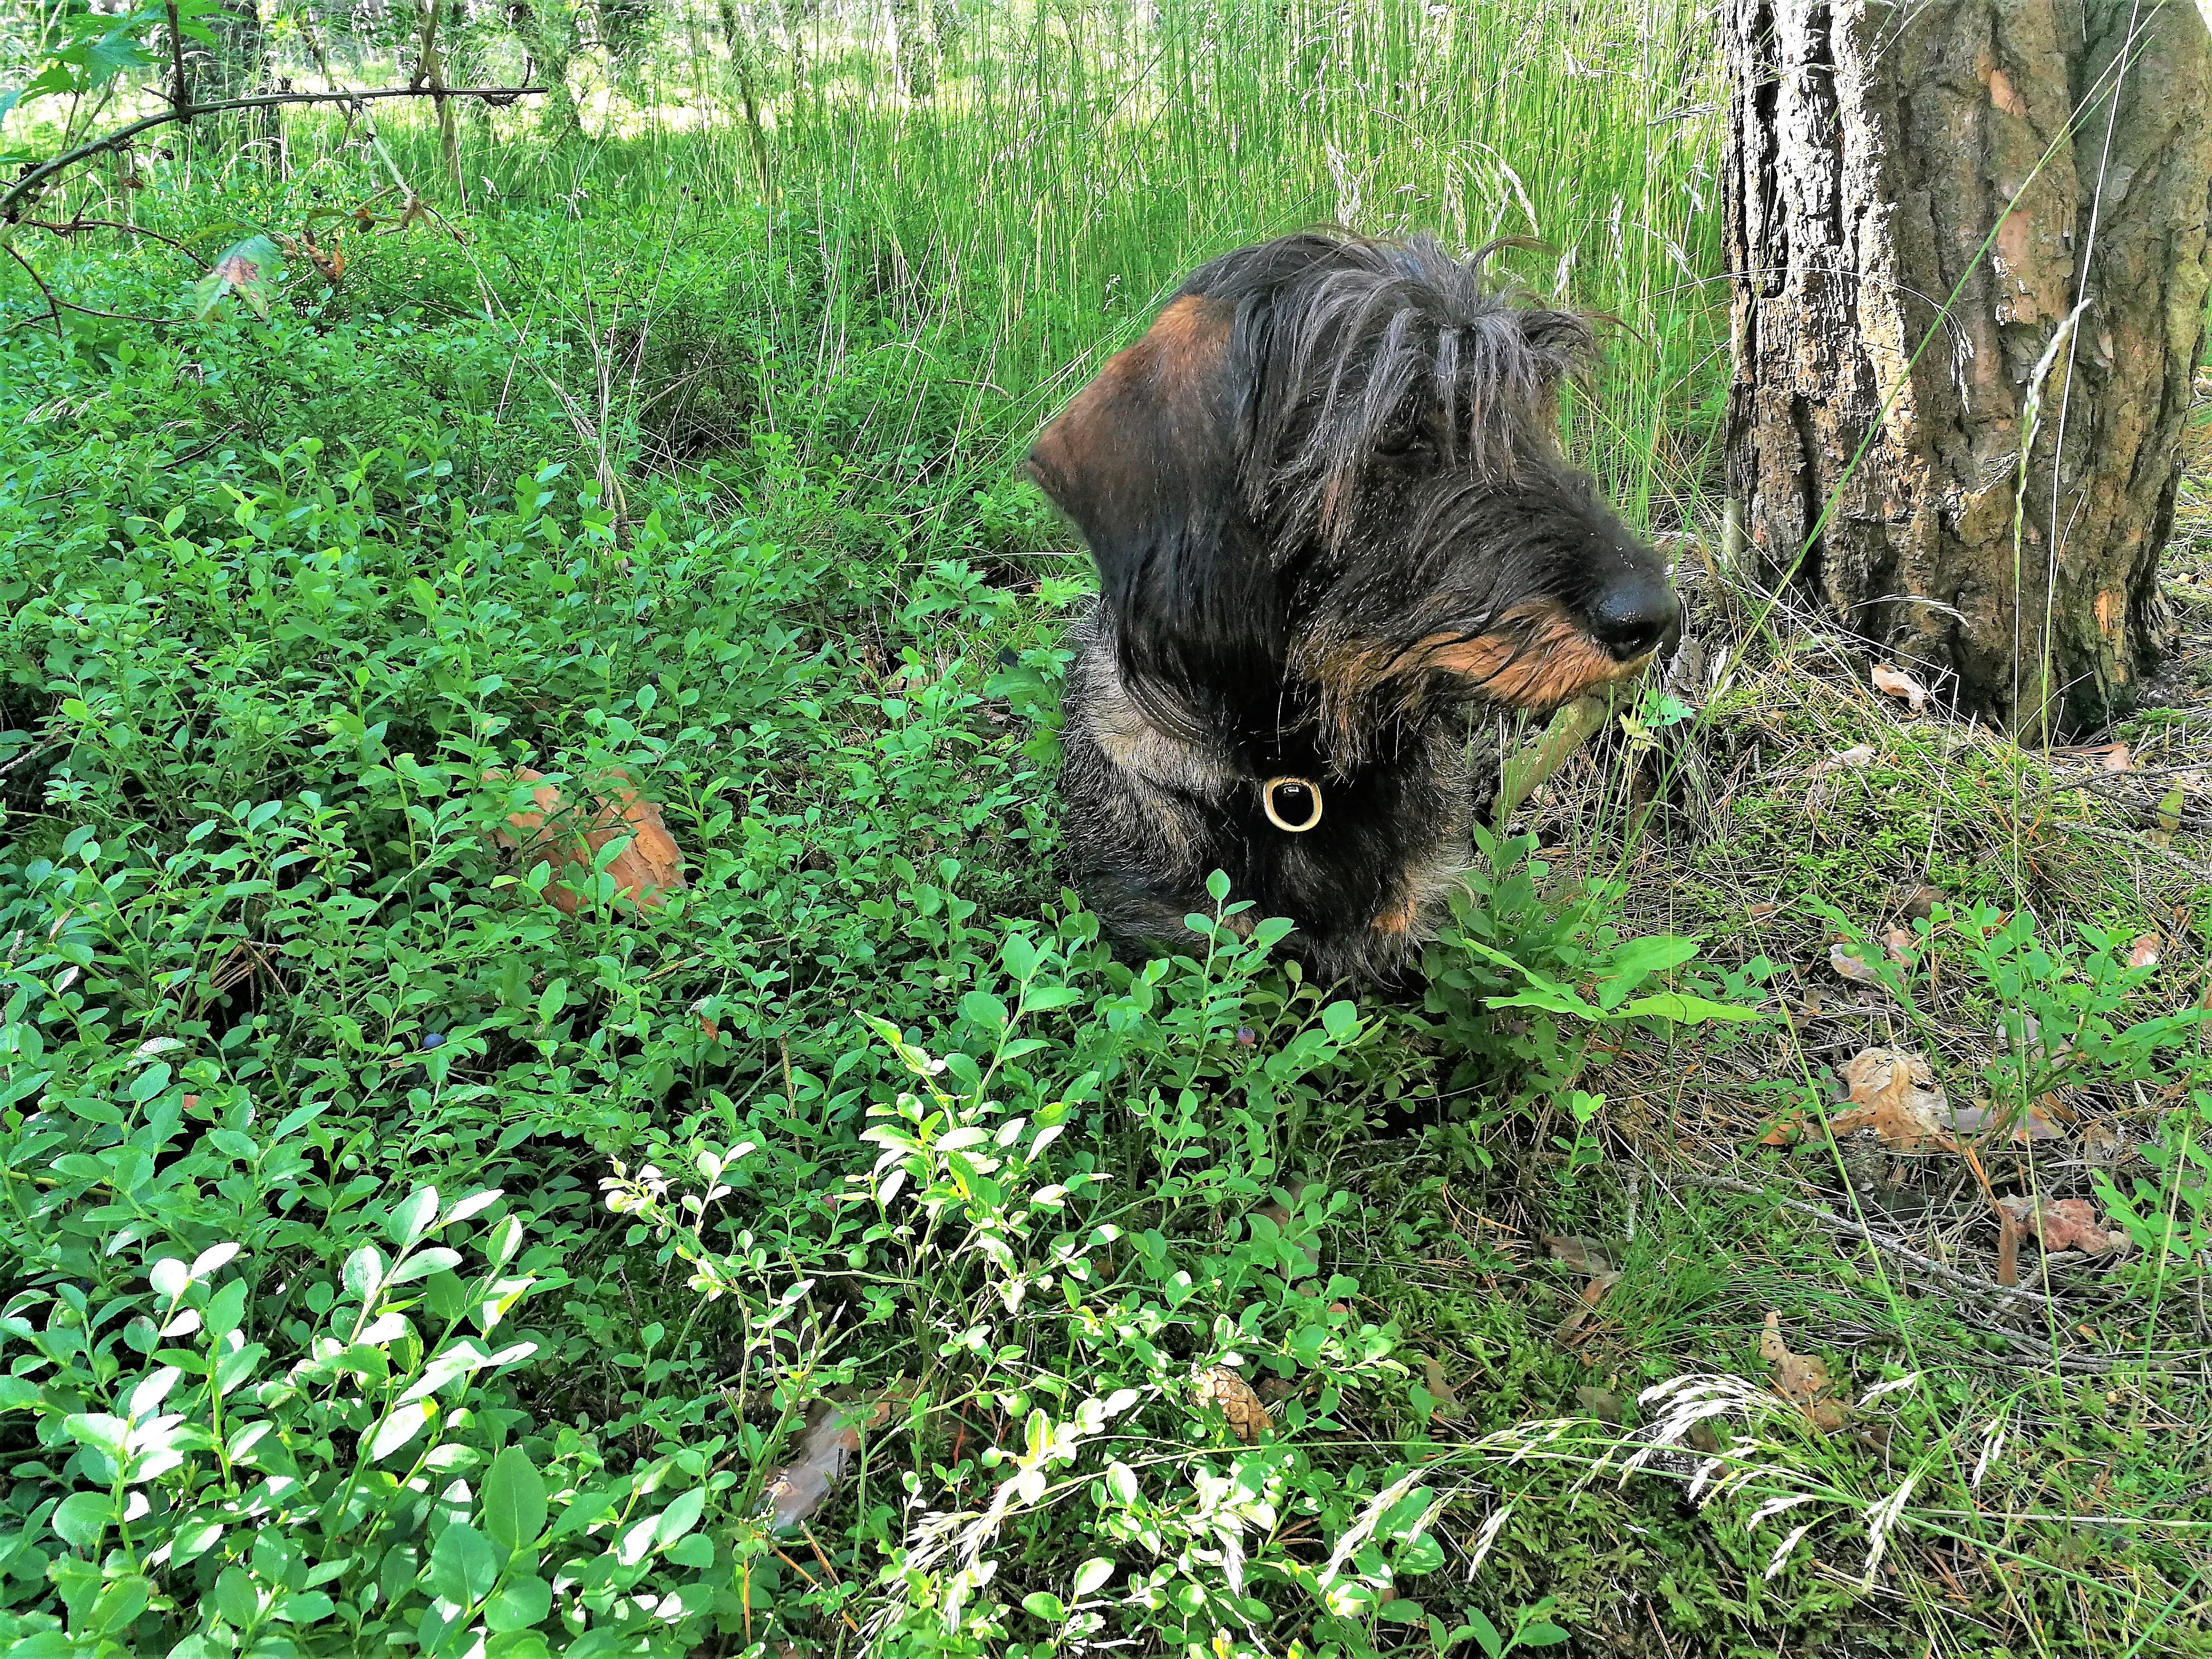 Sammy genießt das nach dem langen Regen frische Grün